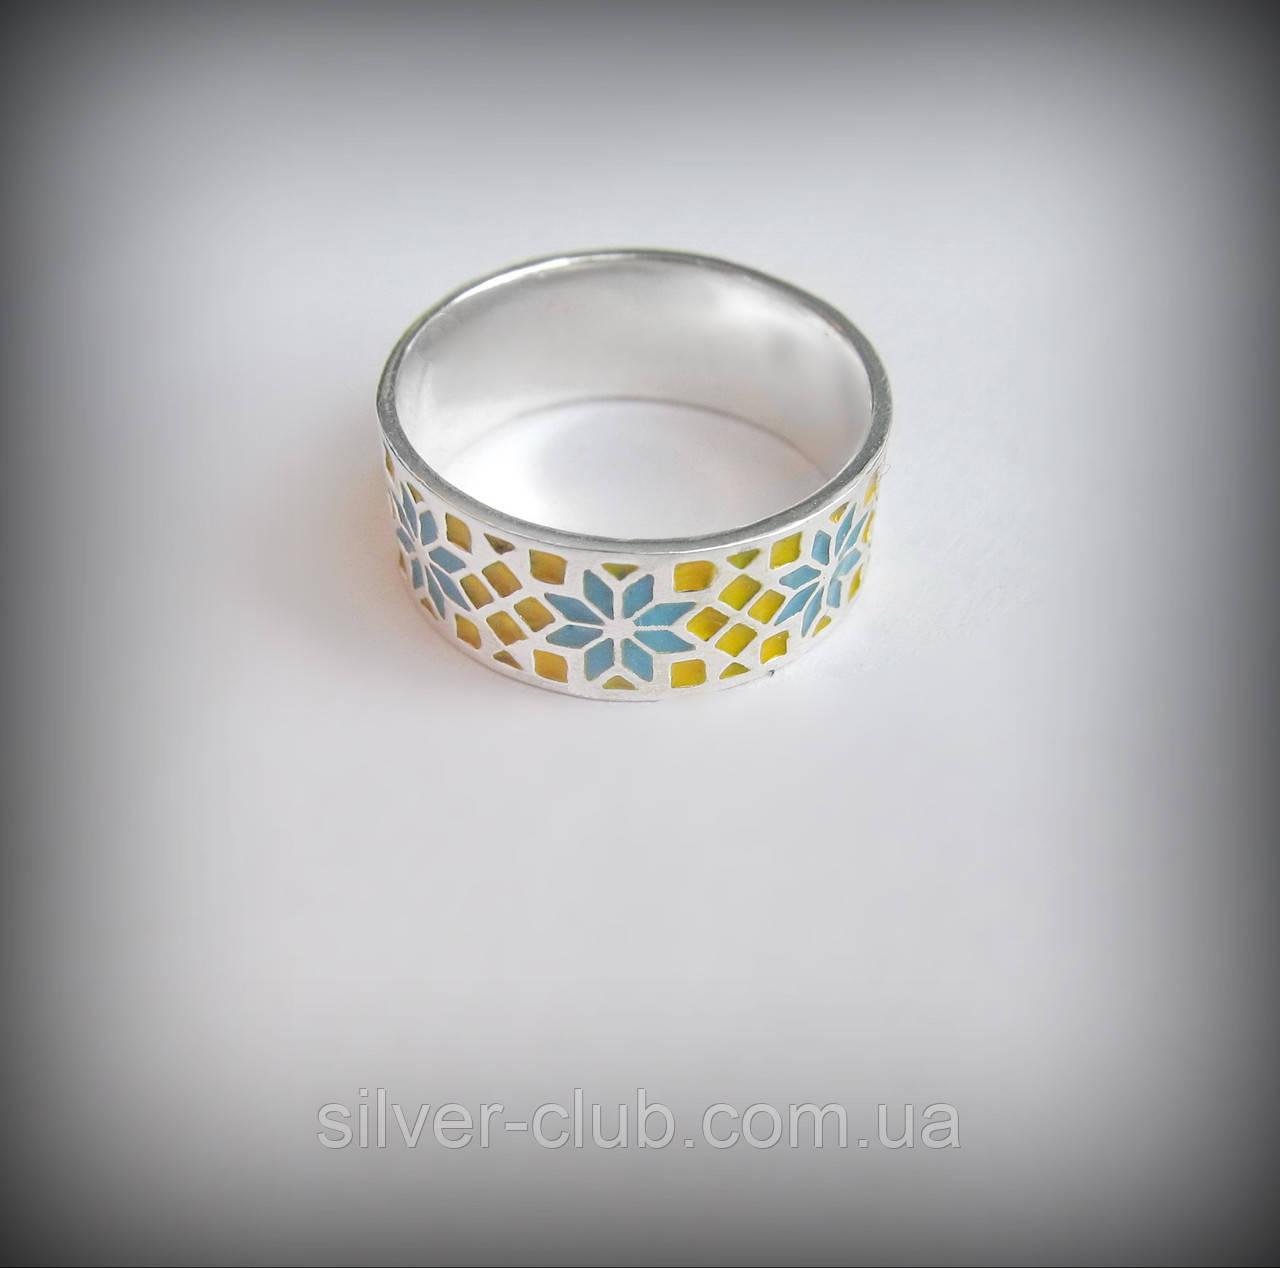 9cf02bf381b2 1051-1 Кольцо Вышиванка с эмалью из серебра 925 пробы - Интернет-магазин  серебряных